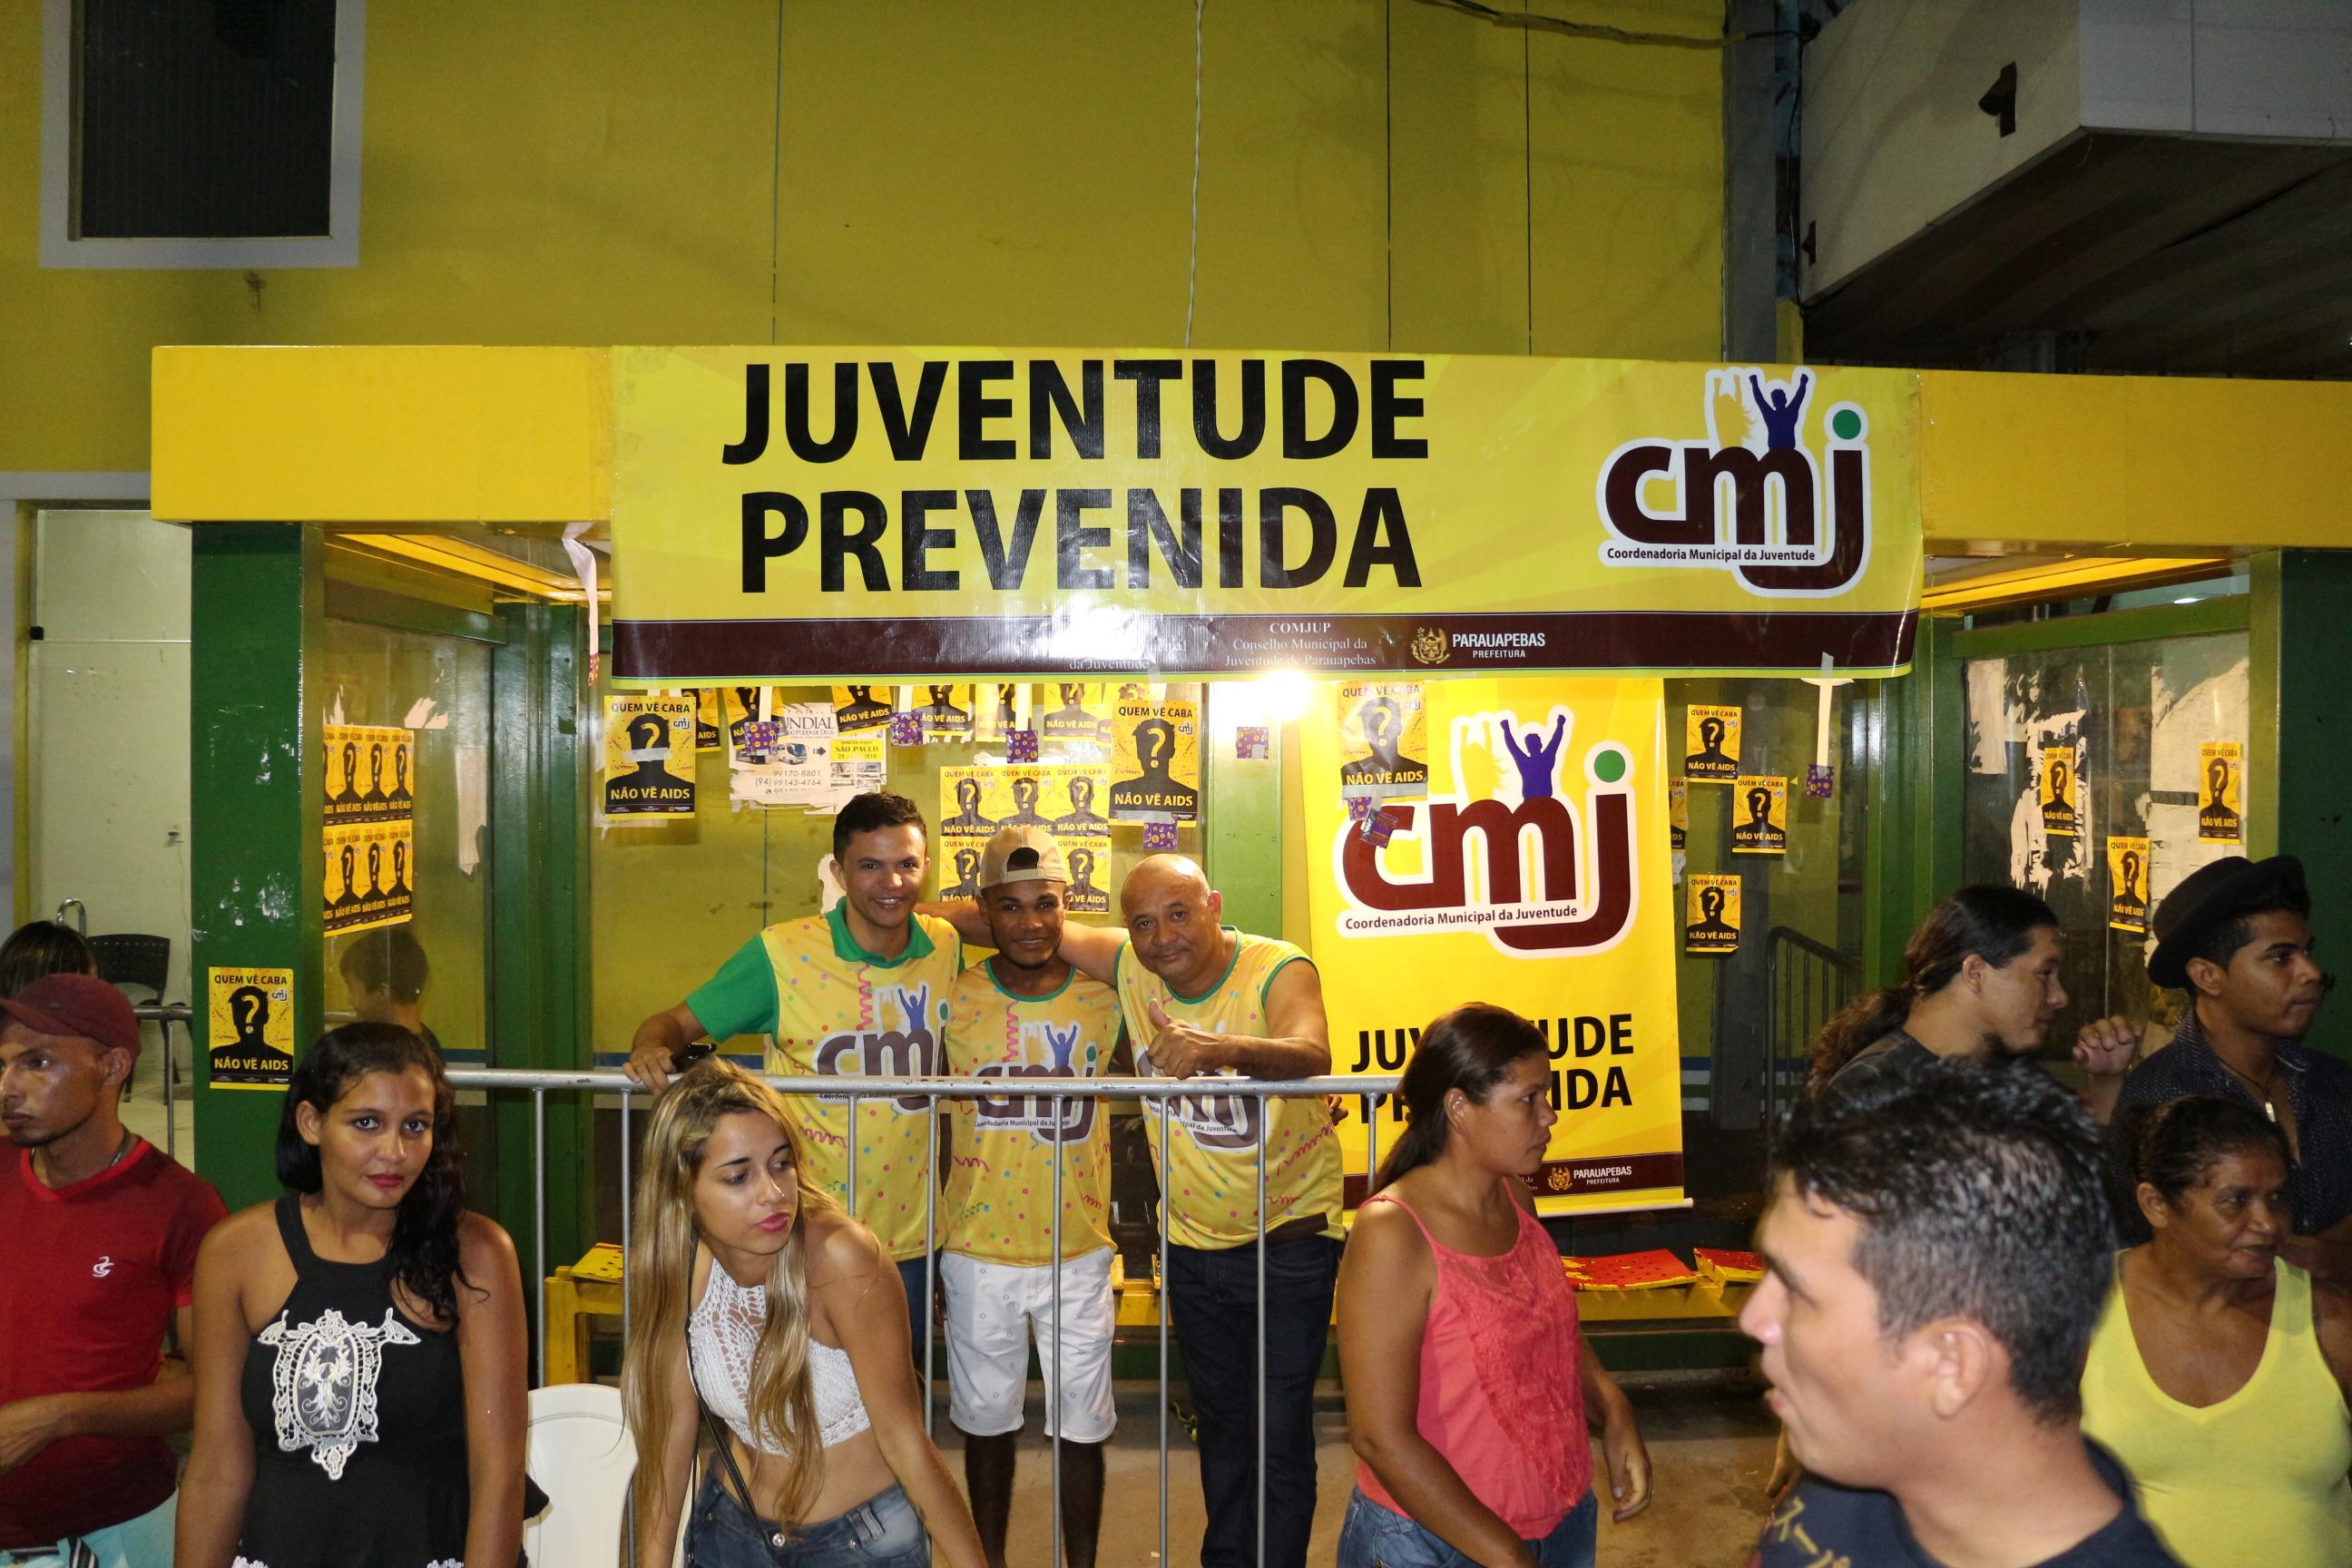 Coordenadoria da Juventude realiza campanha de prevenção no carnaval de Parauapebas